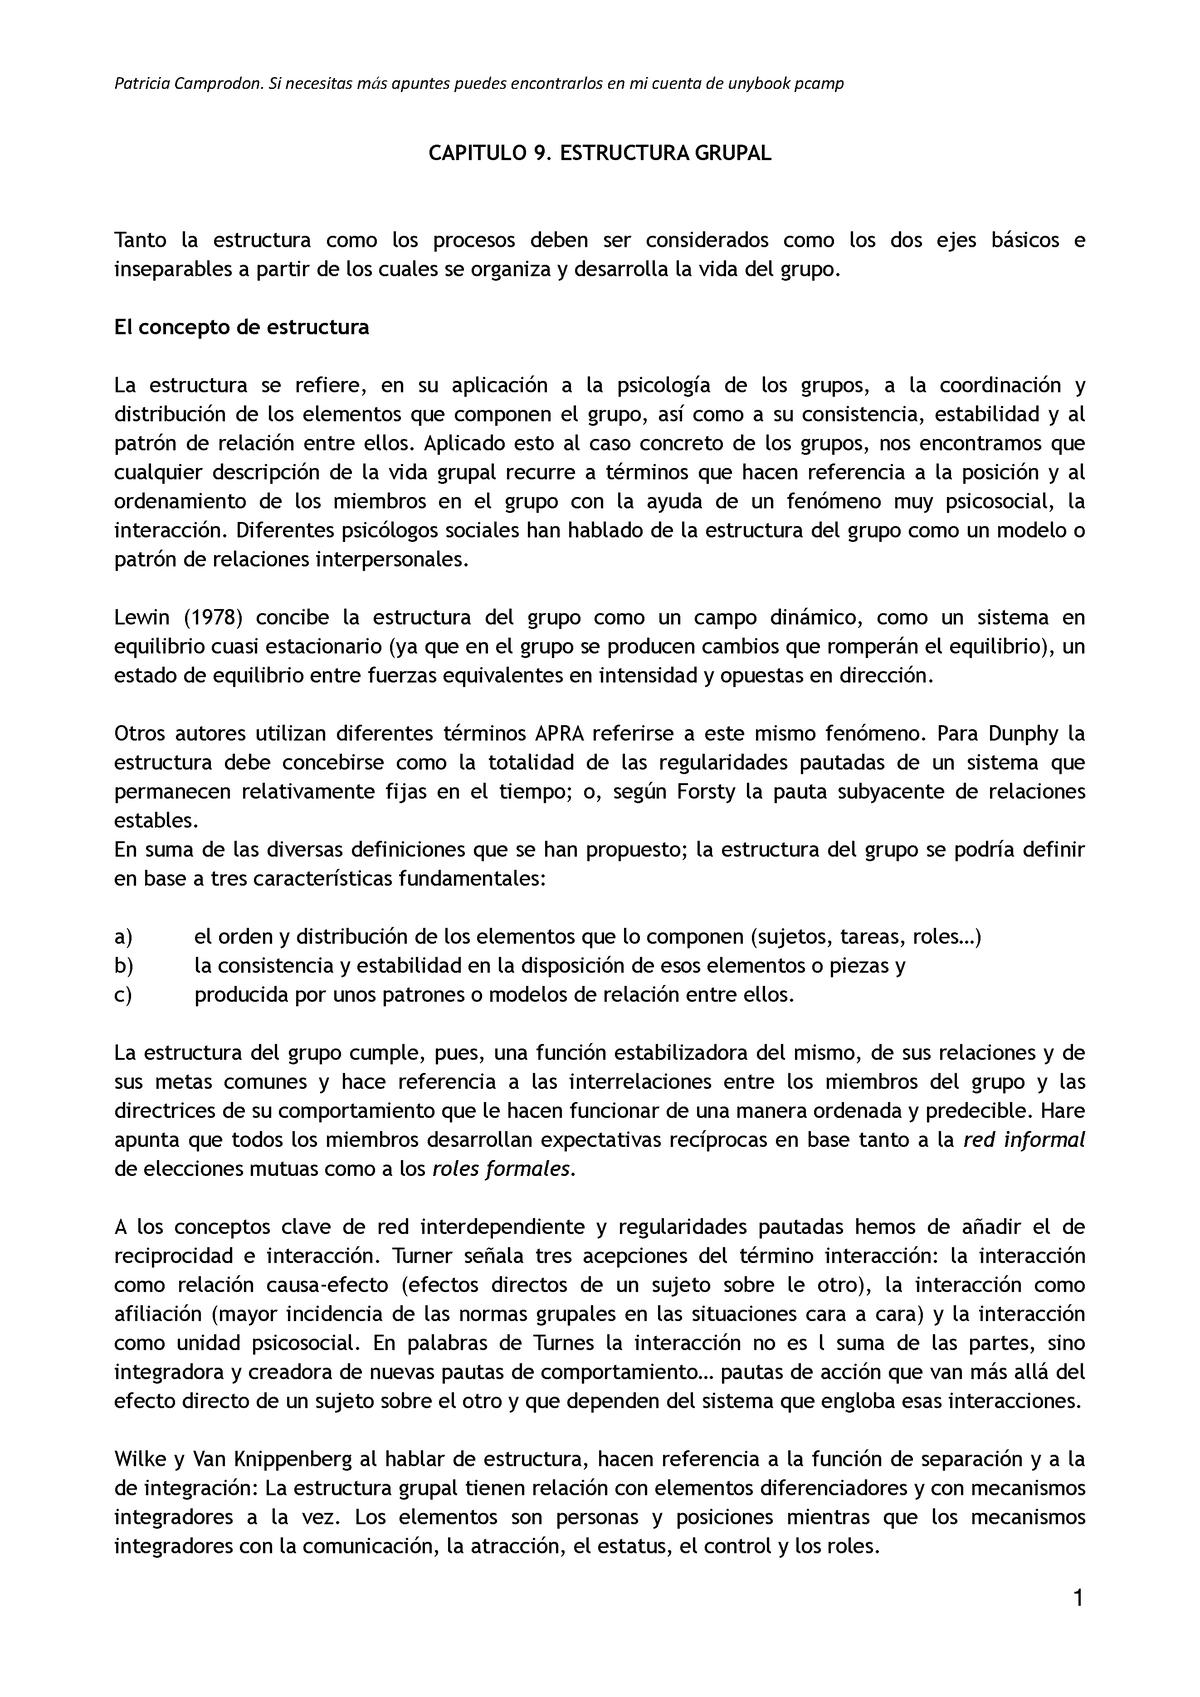 Capitulo 9 Estructura Grupal Psicología De Los Grupos